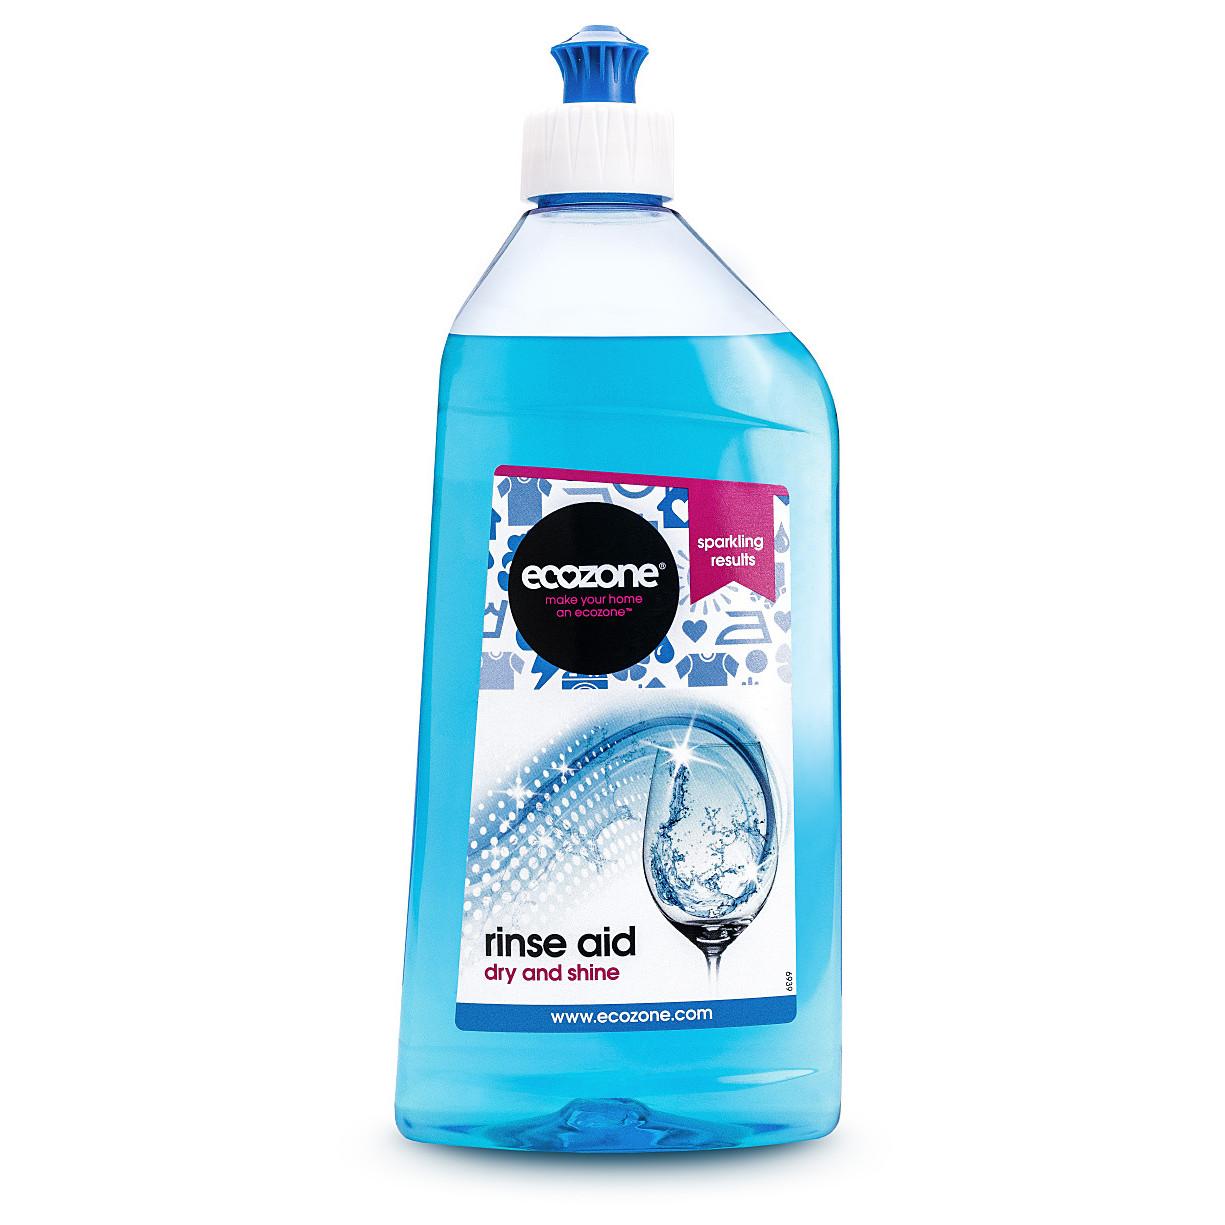 produits lave vaisselle bio